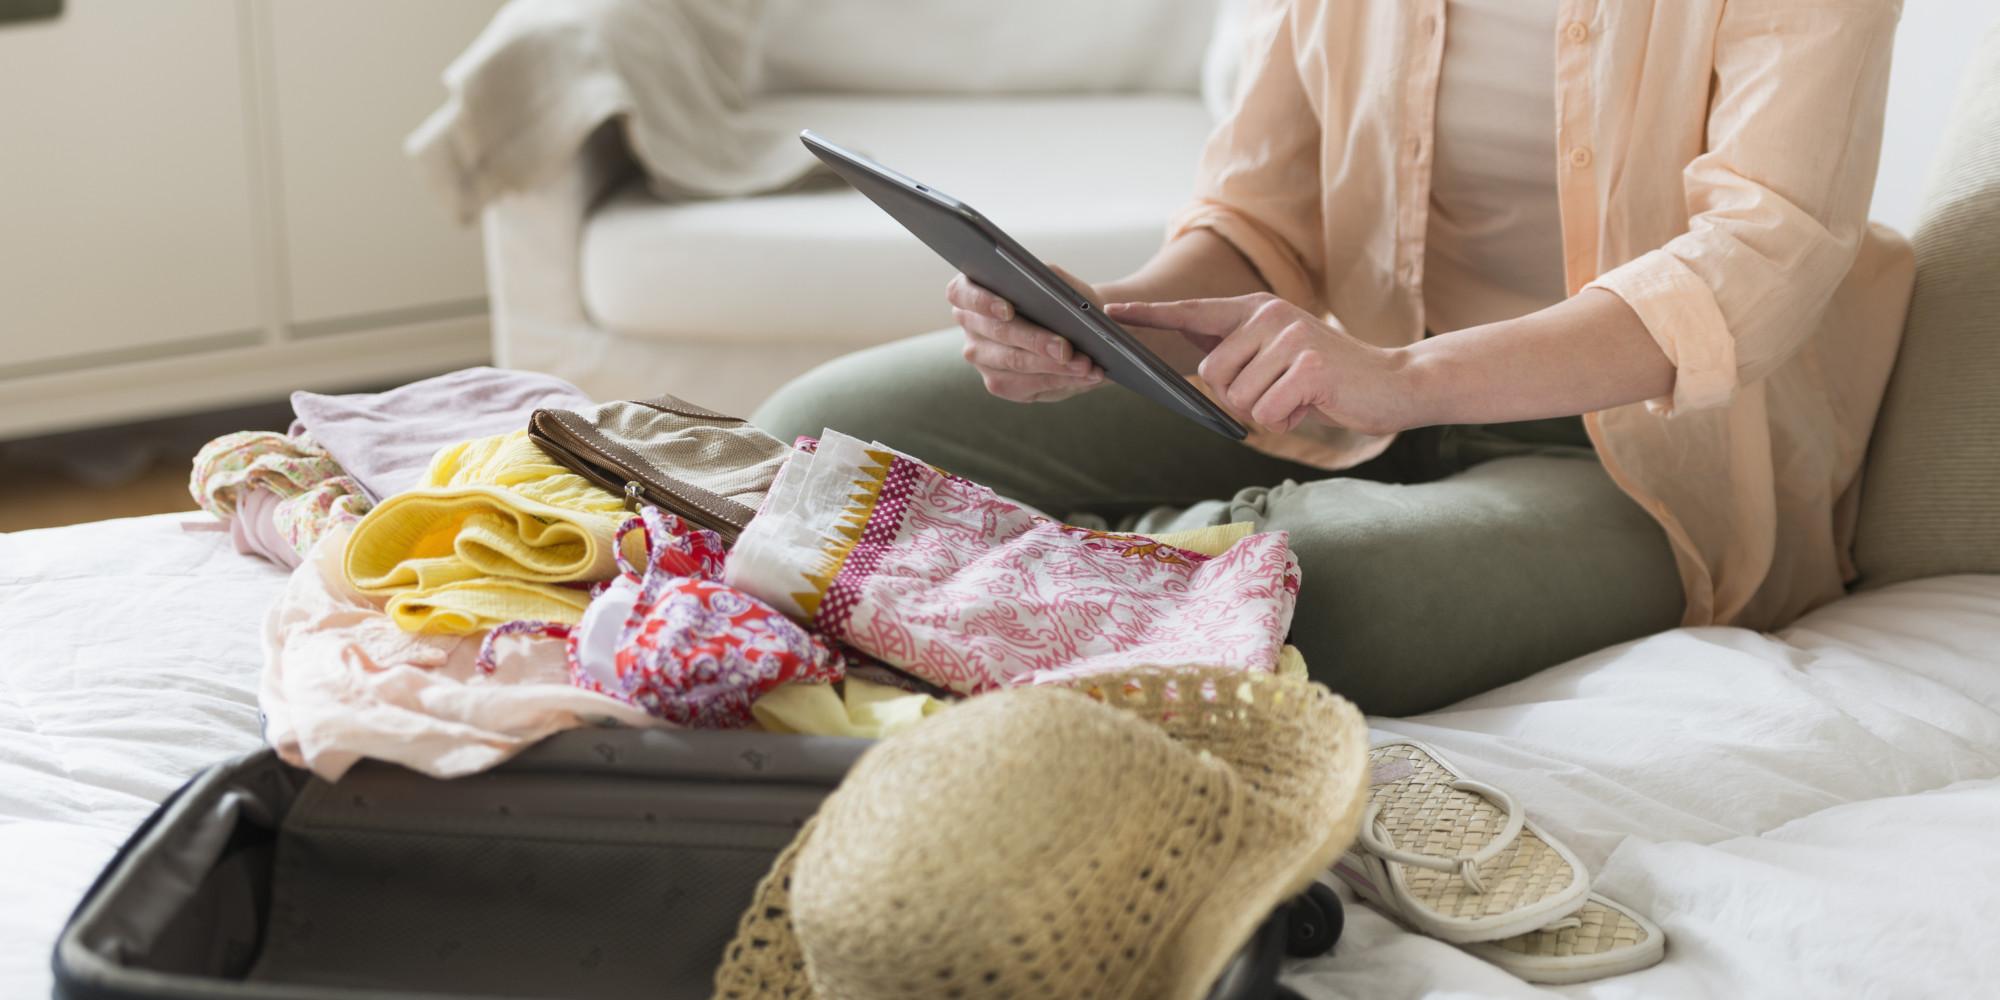 changer sa maison pour les vacances pourquoi pas. Black Bedroom Furniture Sets. Home Design Ideas